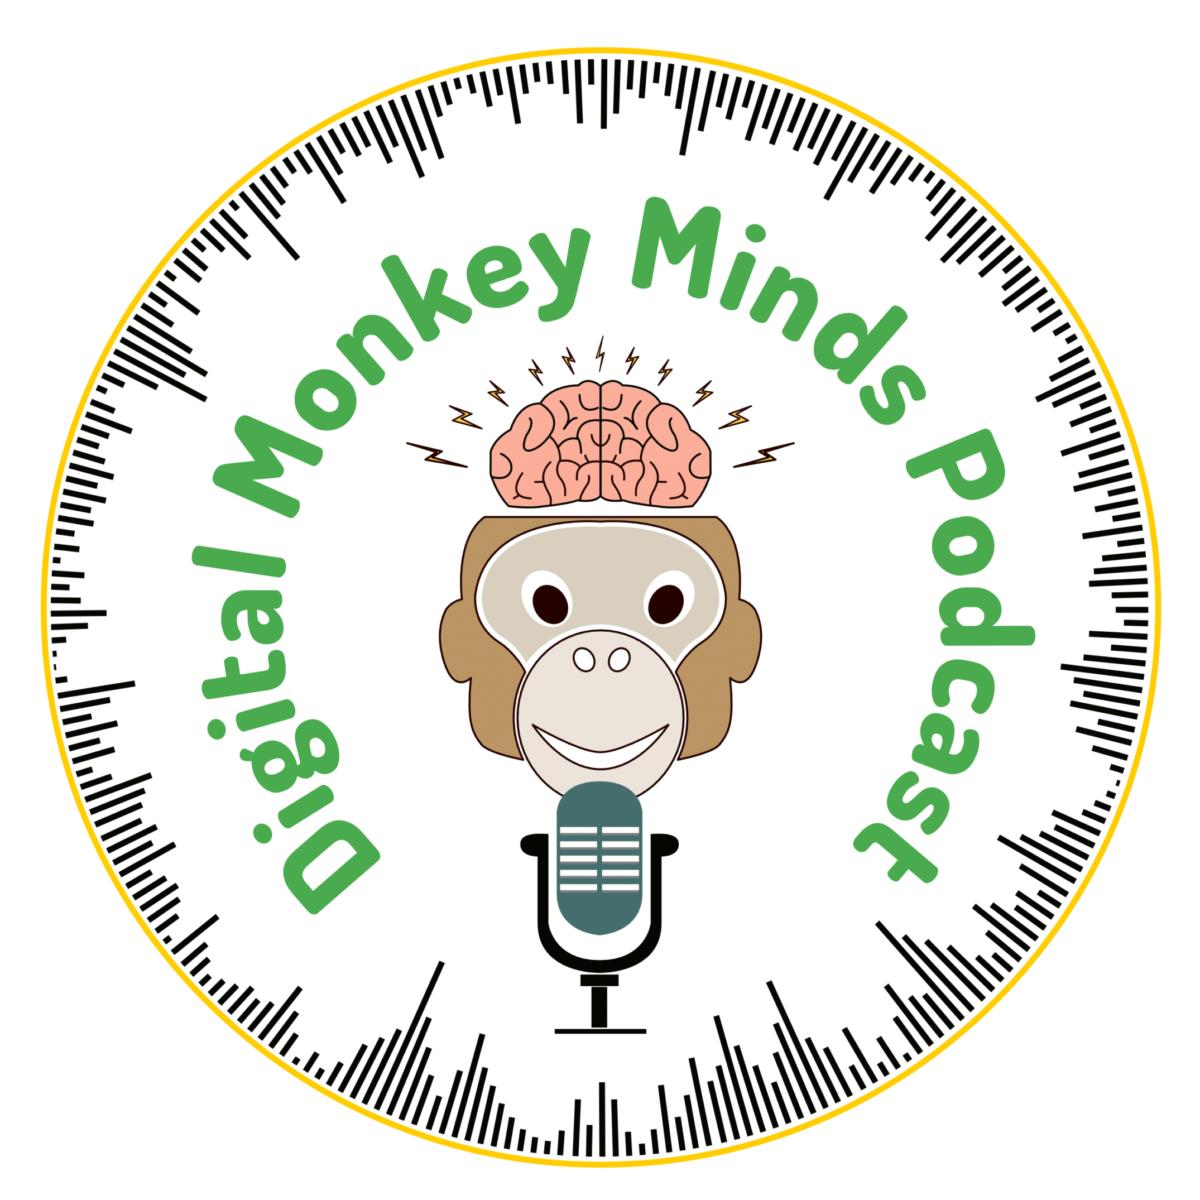 Ich bin ein Digital Monkey Mind